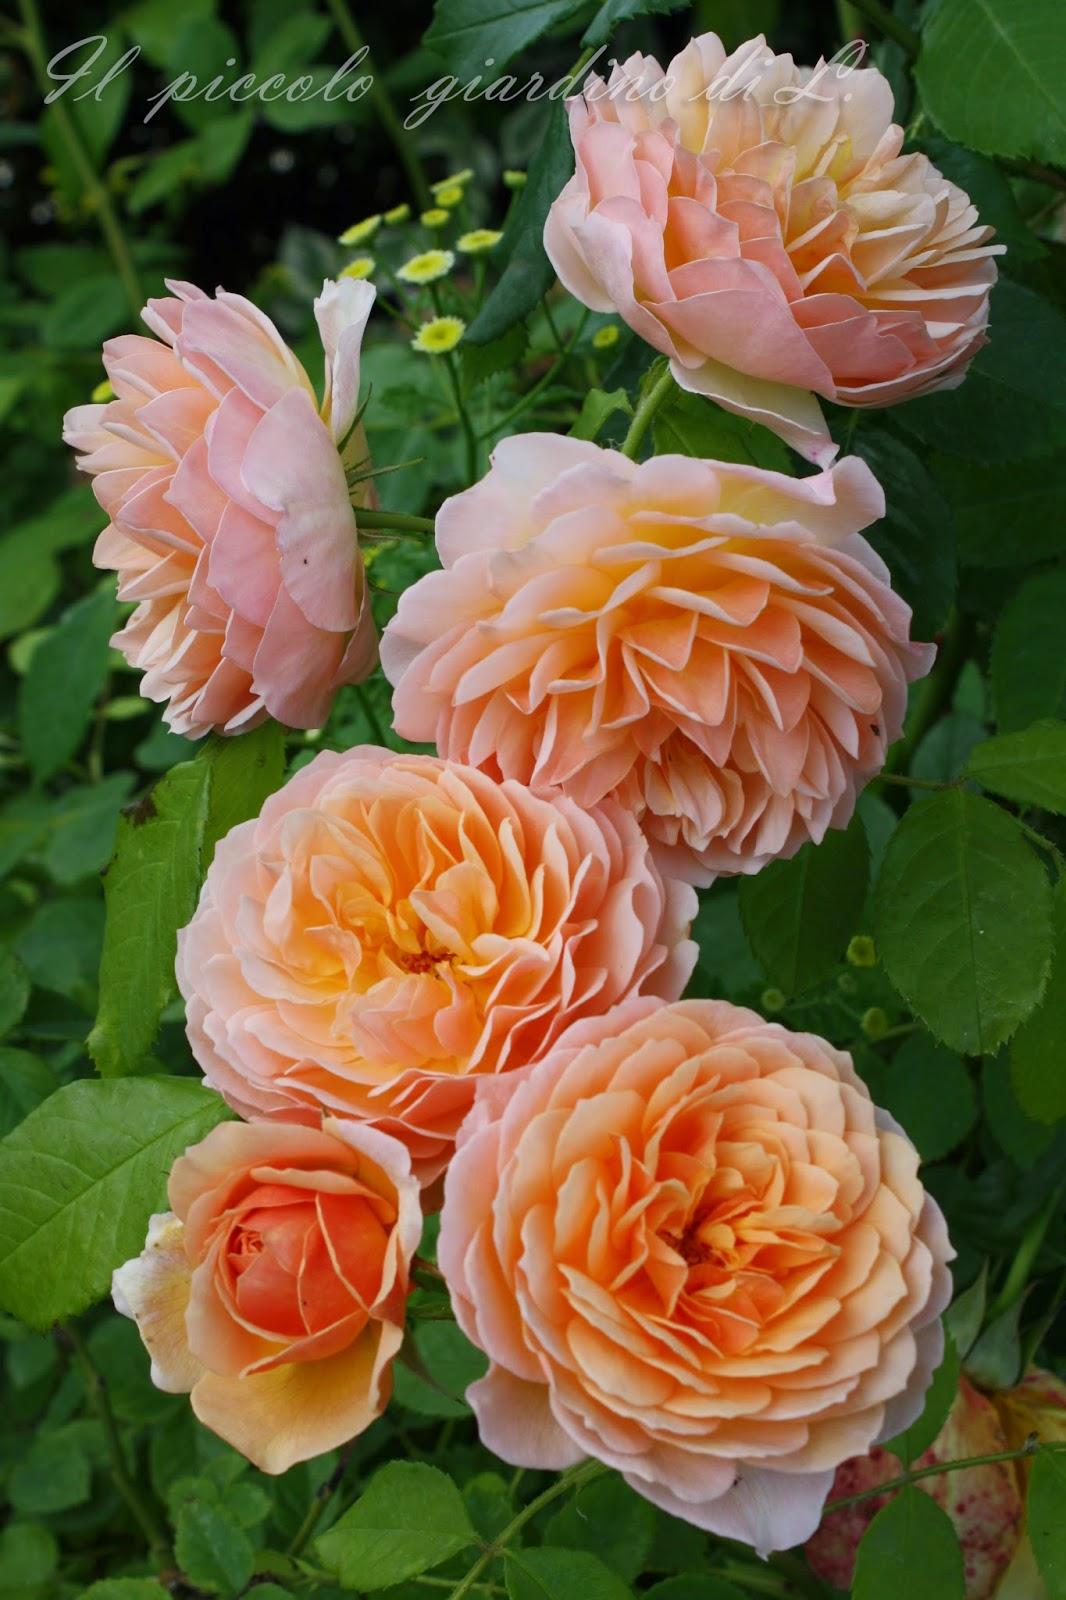 Il piccolo giardino di l una rosa inglese nei toni dell for Rosa inglese